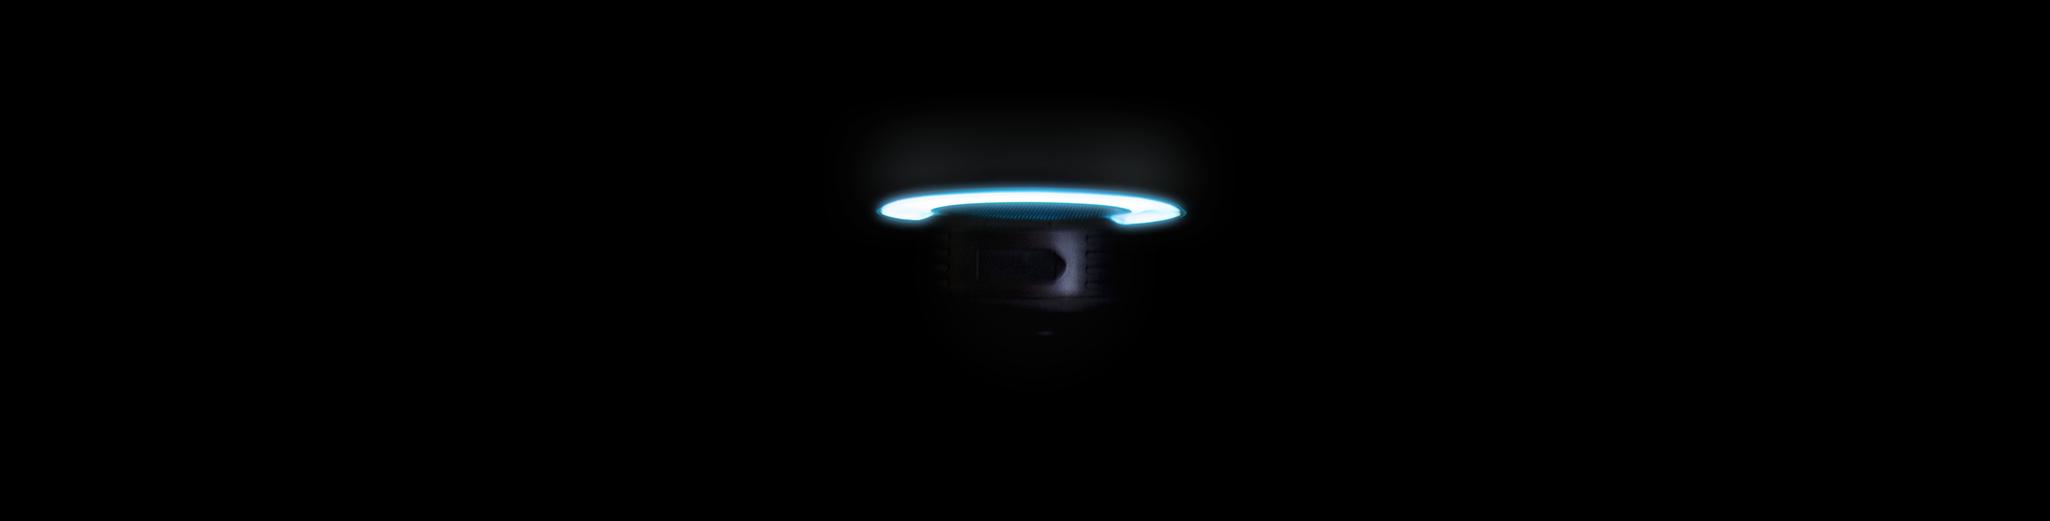 360 Slider.jpg